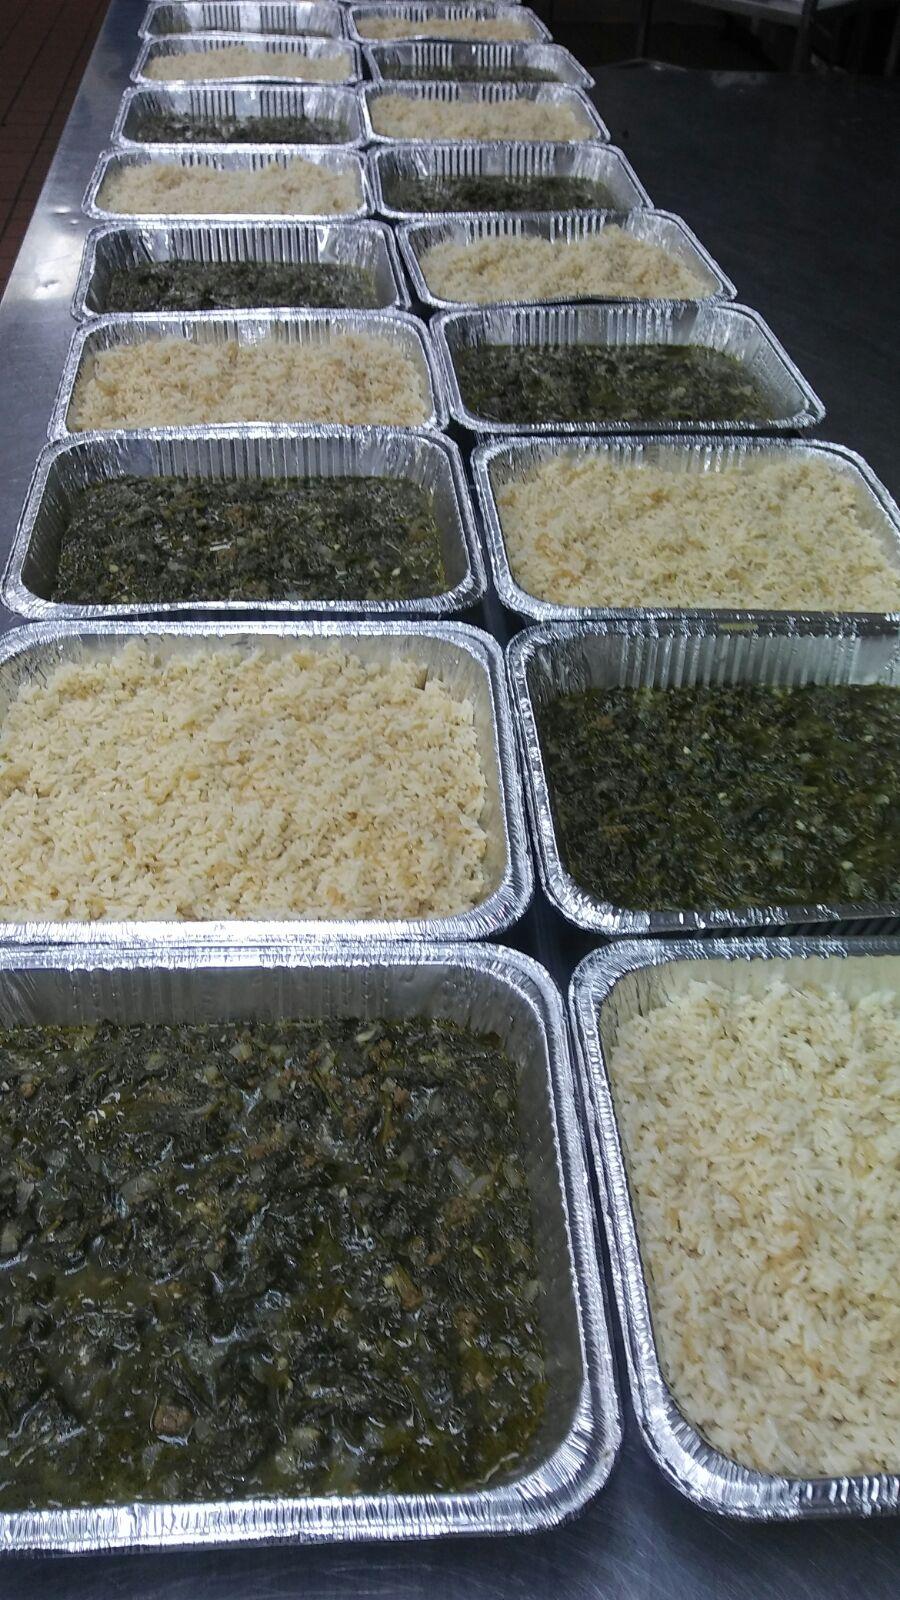 c-asist-refugees-meals-1